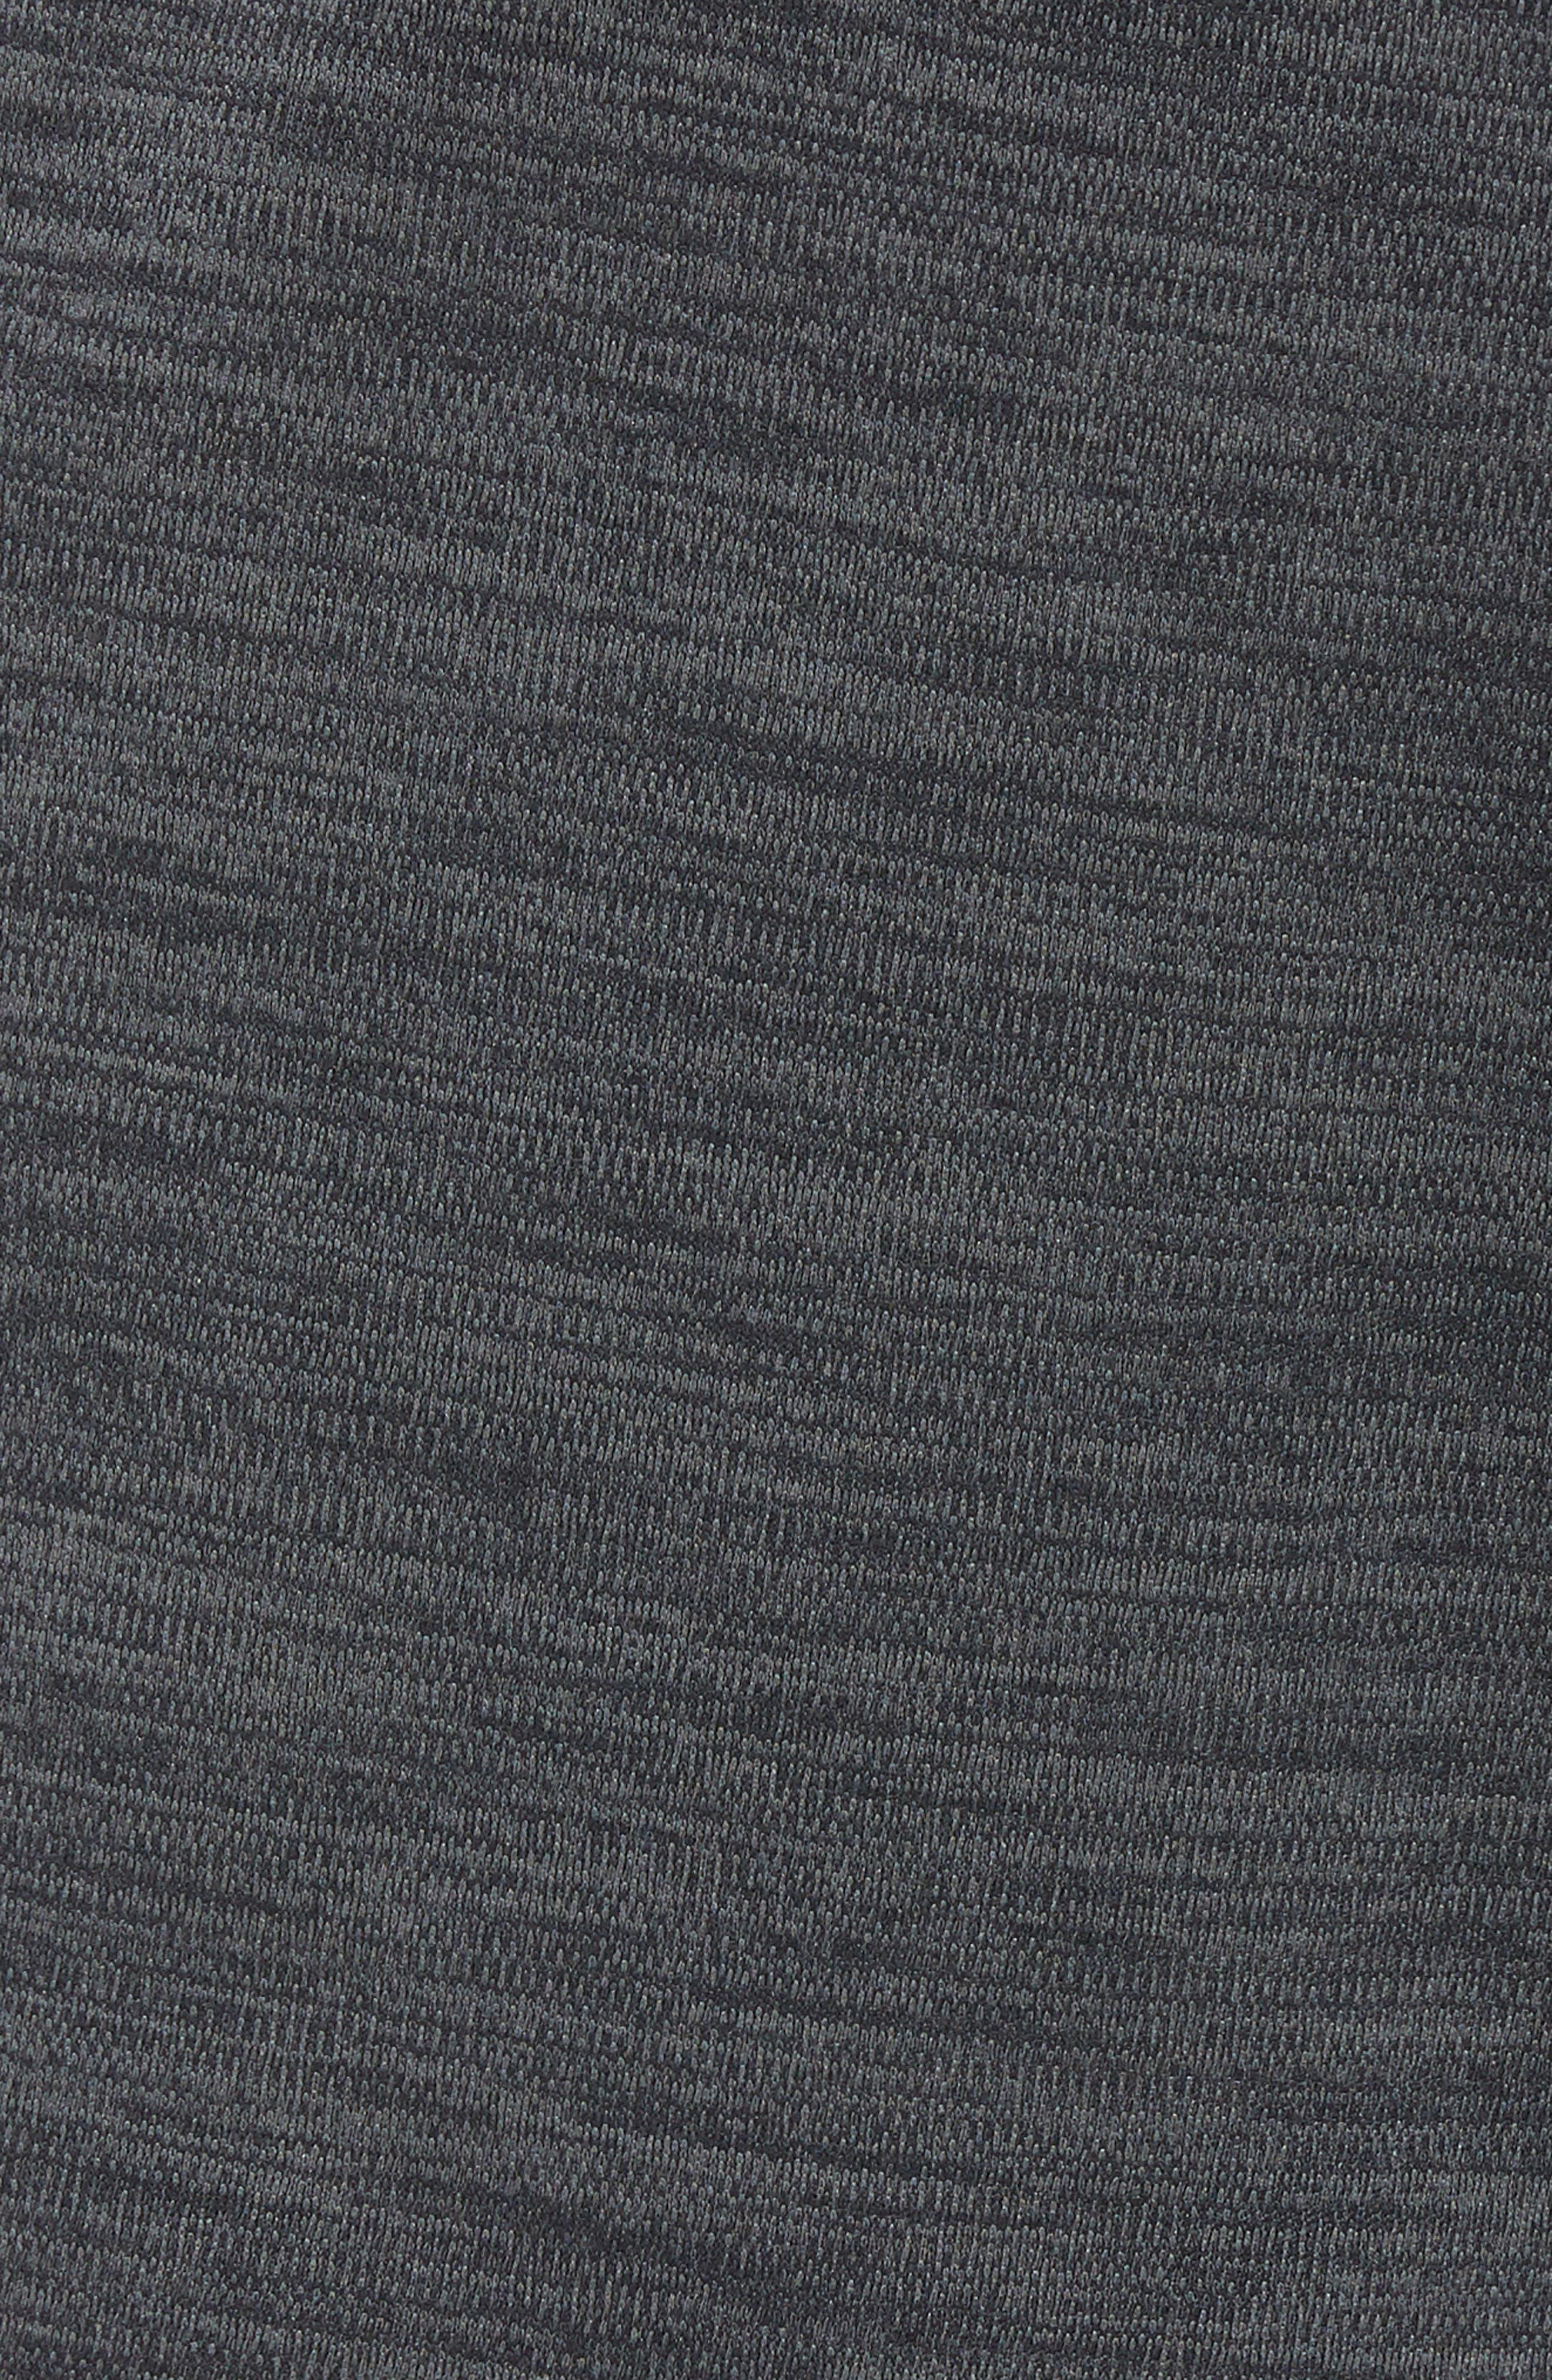 Dry Training Shorts,                             Alternate thumbnail 5, color,                             BLACK